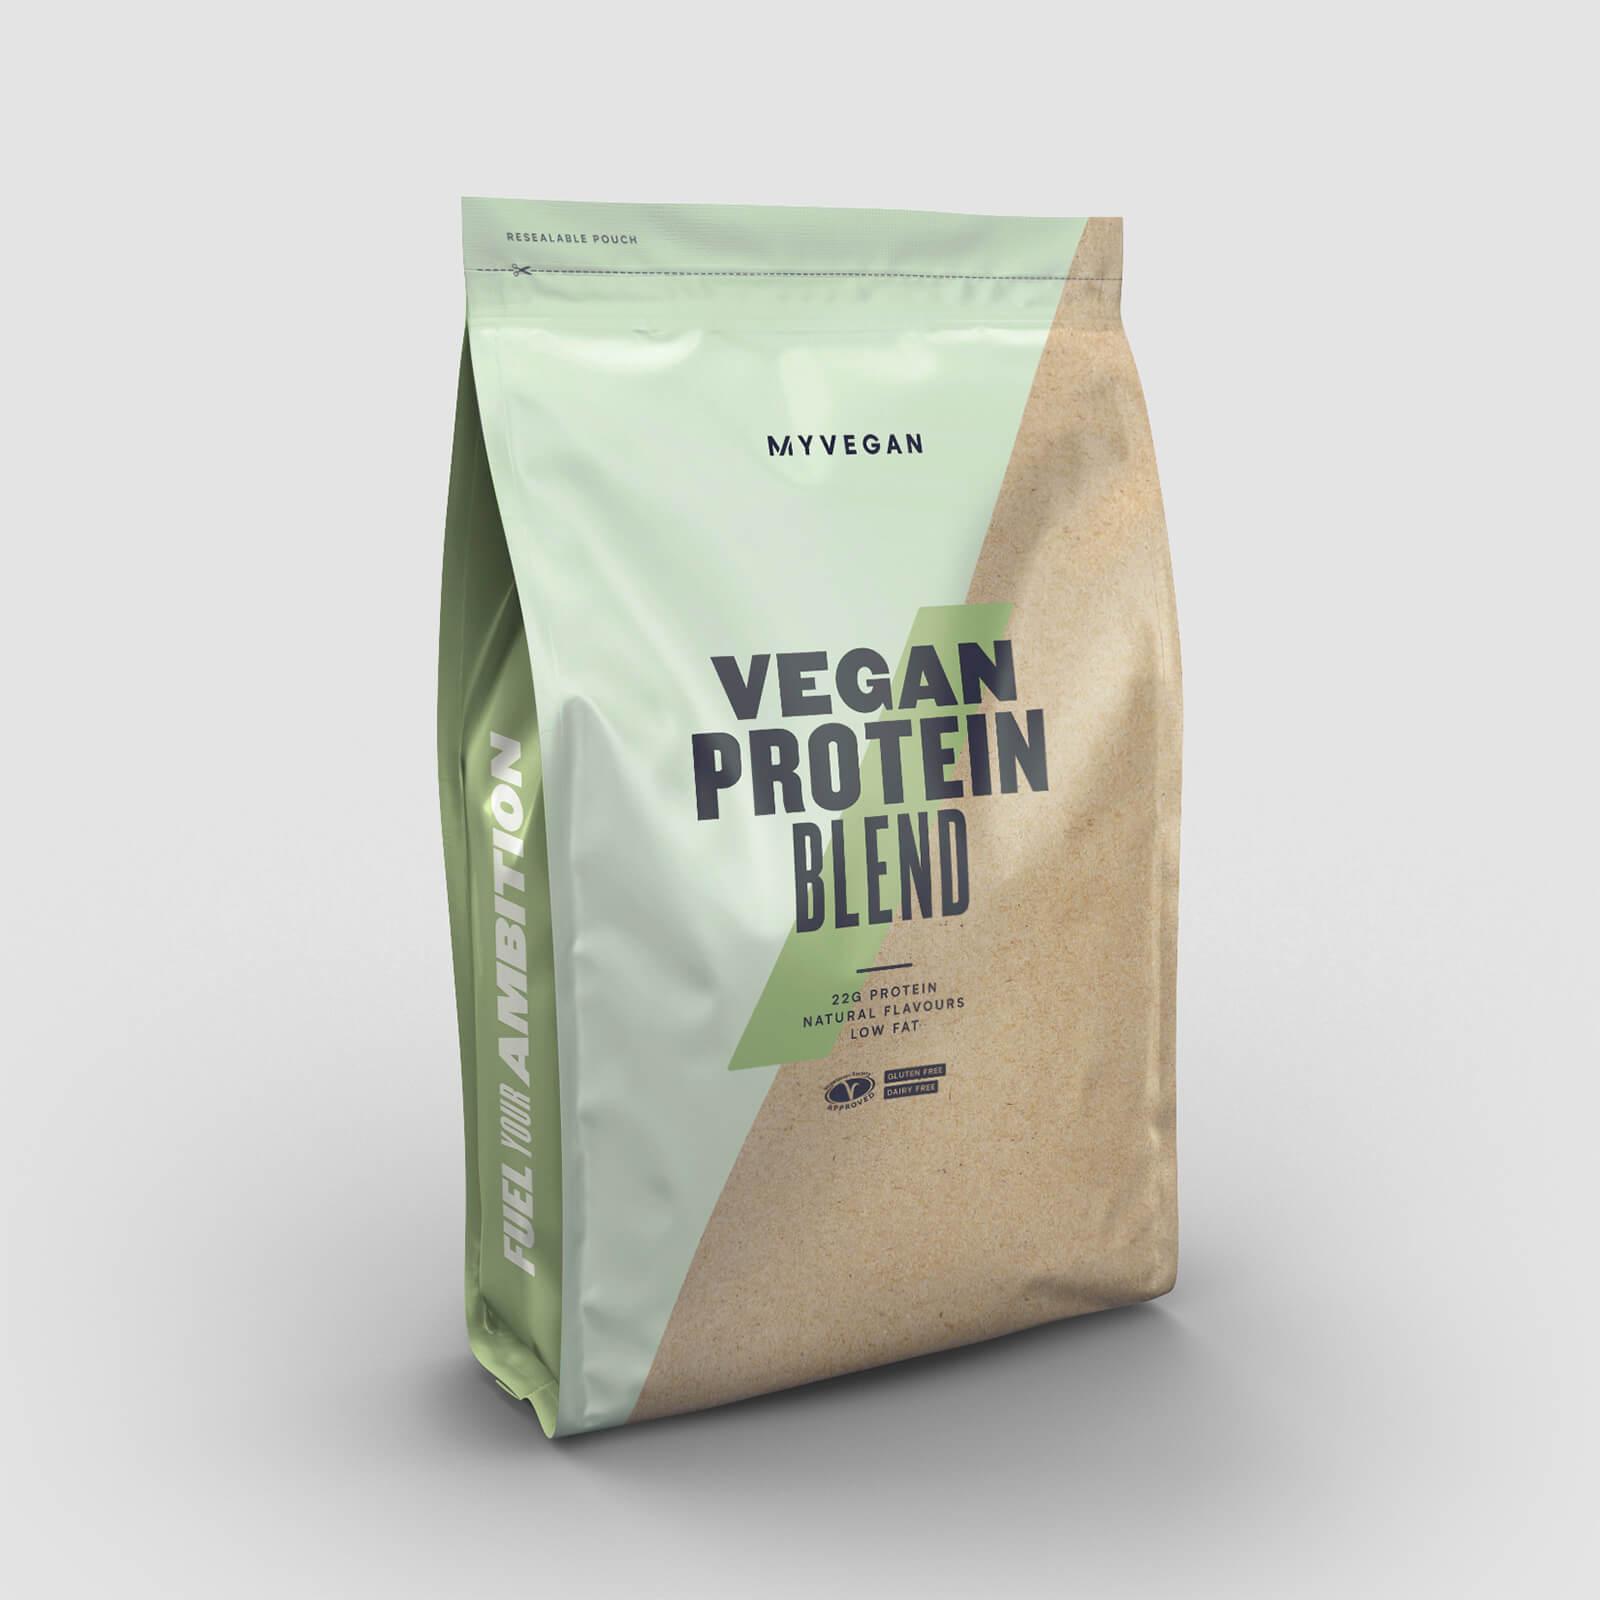 Vegan Protein Blend™